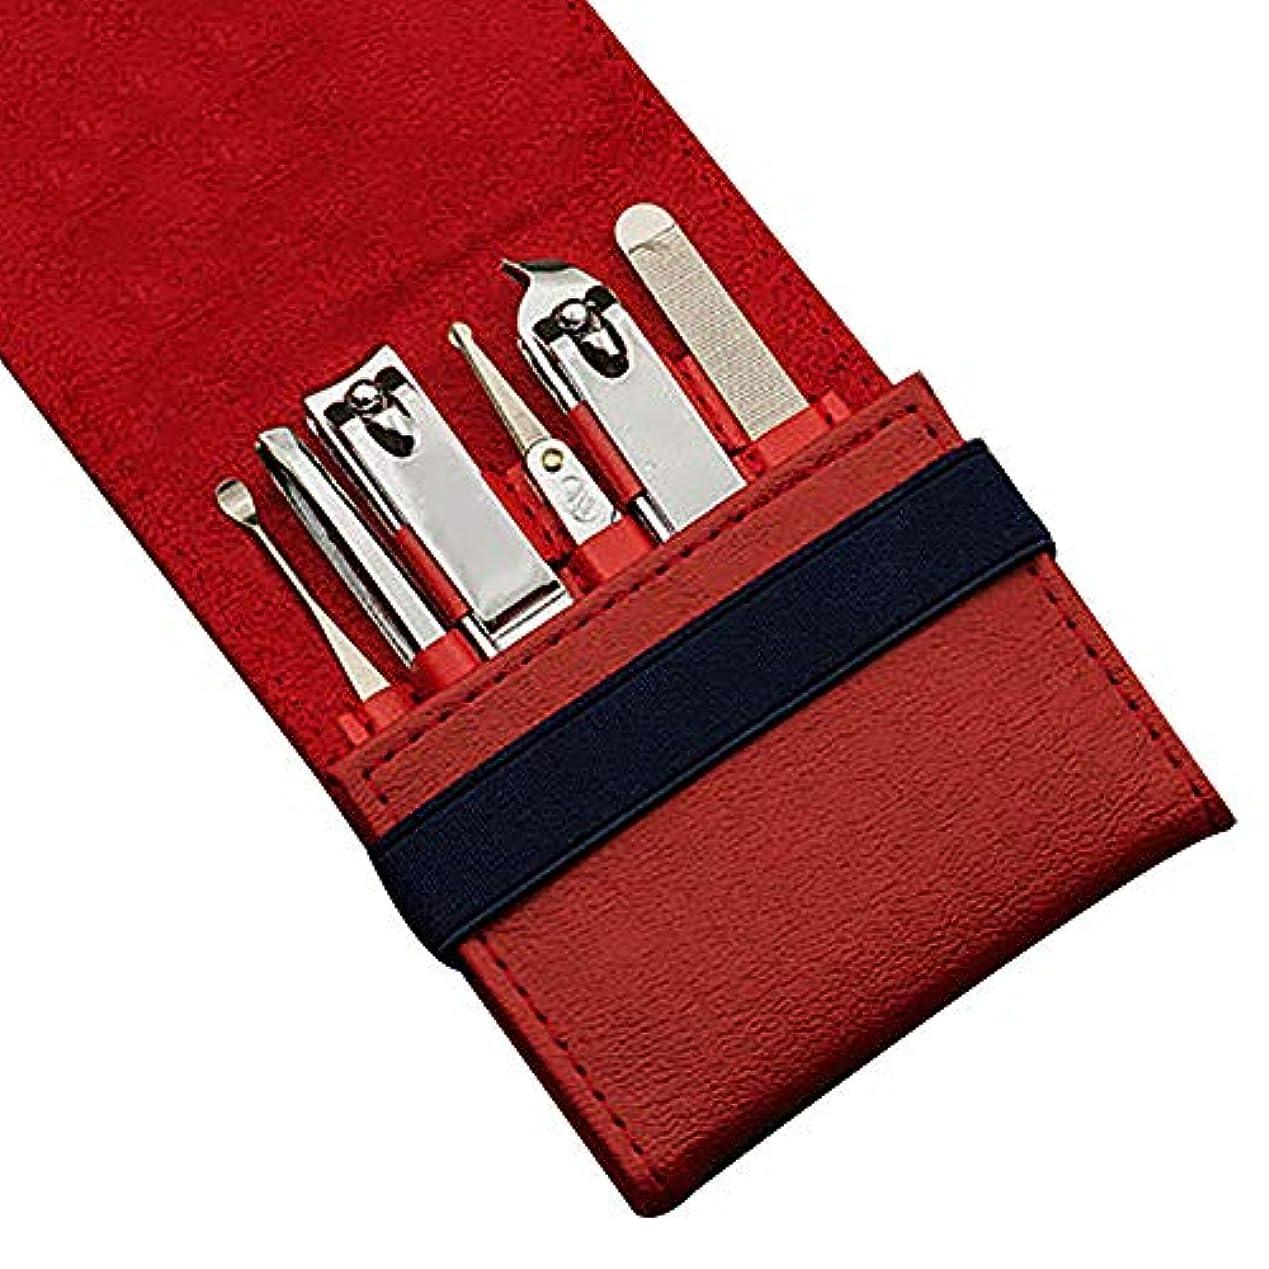 バルーンスマッシュシェトランド諸島ステンレス爪切り多機能 美容セット高級赤PUレザーケース付き、6点セット